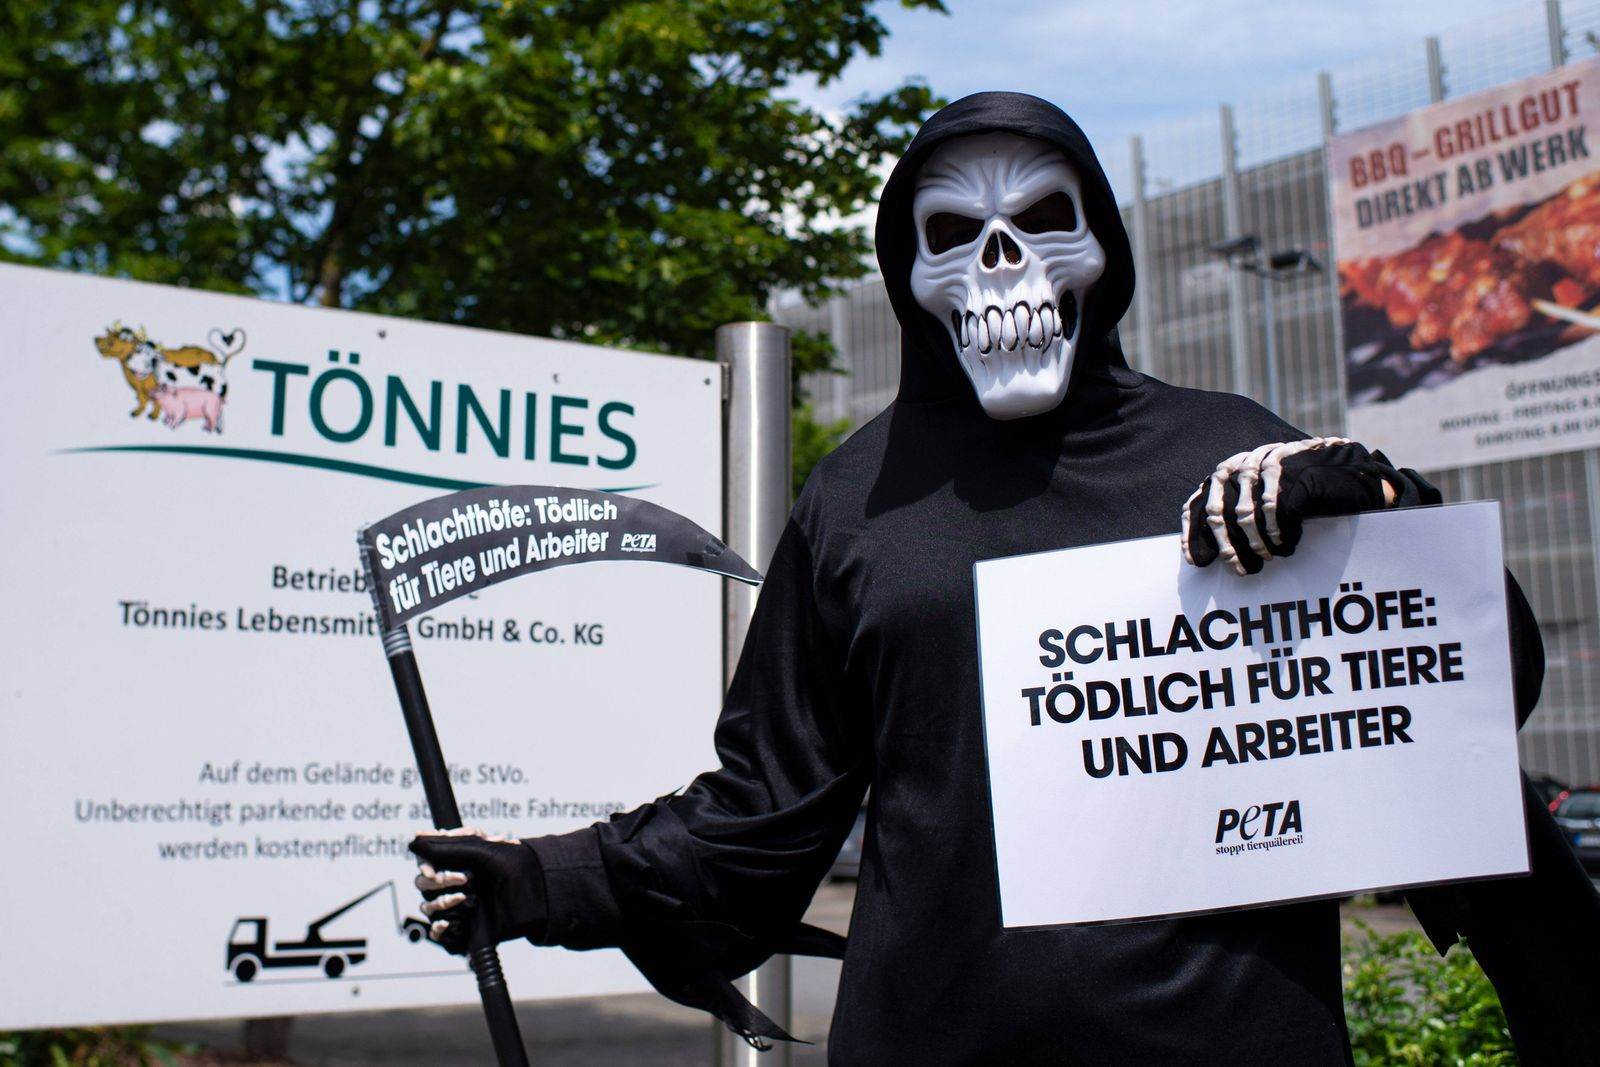 19.06.2020: Coronavirus - Demonstration von PETA nach Ausbruch bei Tönnies : Demonstranten der Tierschutzorganisation PE